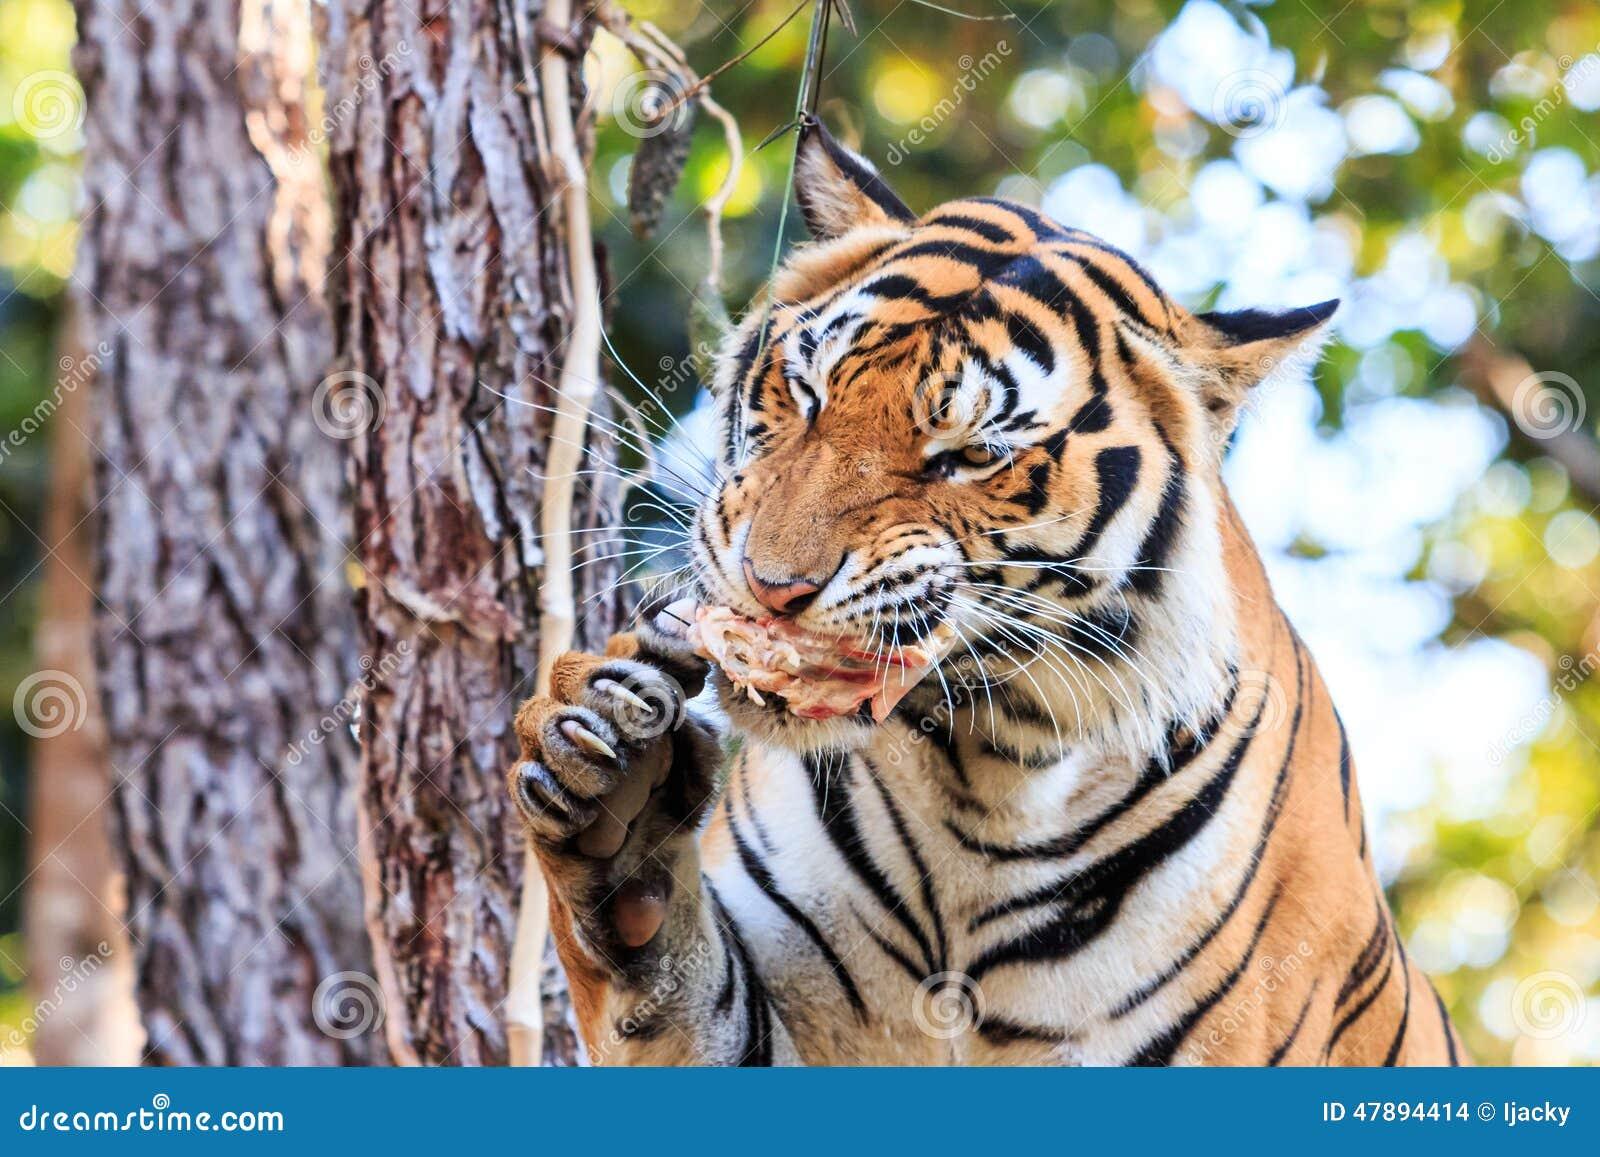 Tiger Panthera tigris  CatSG